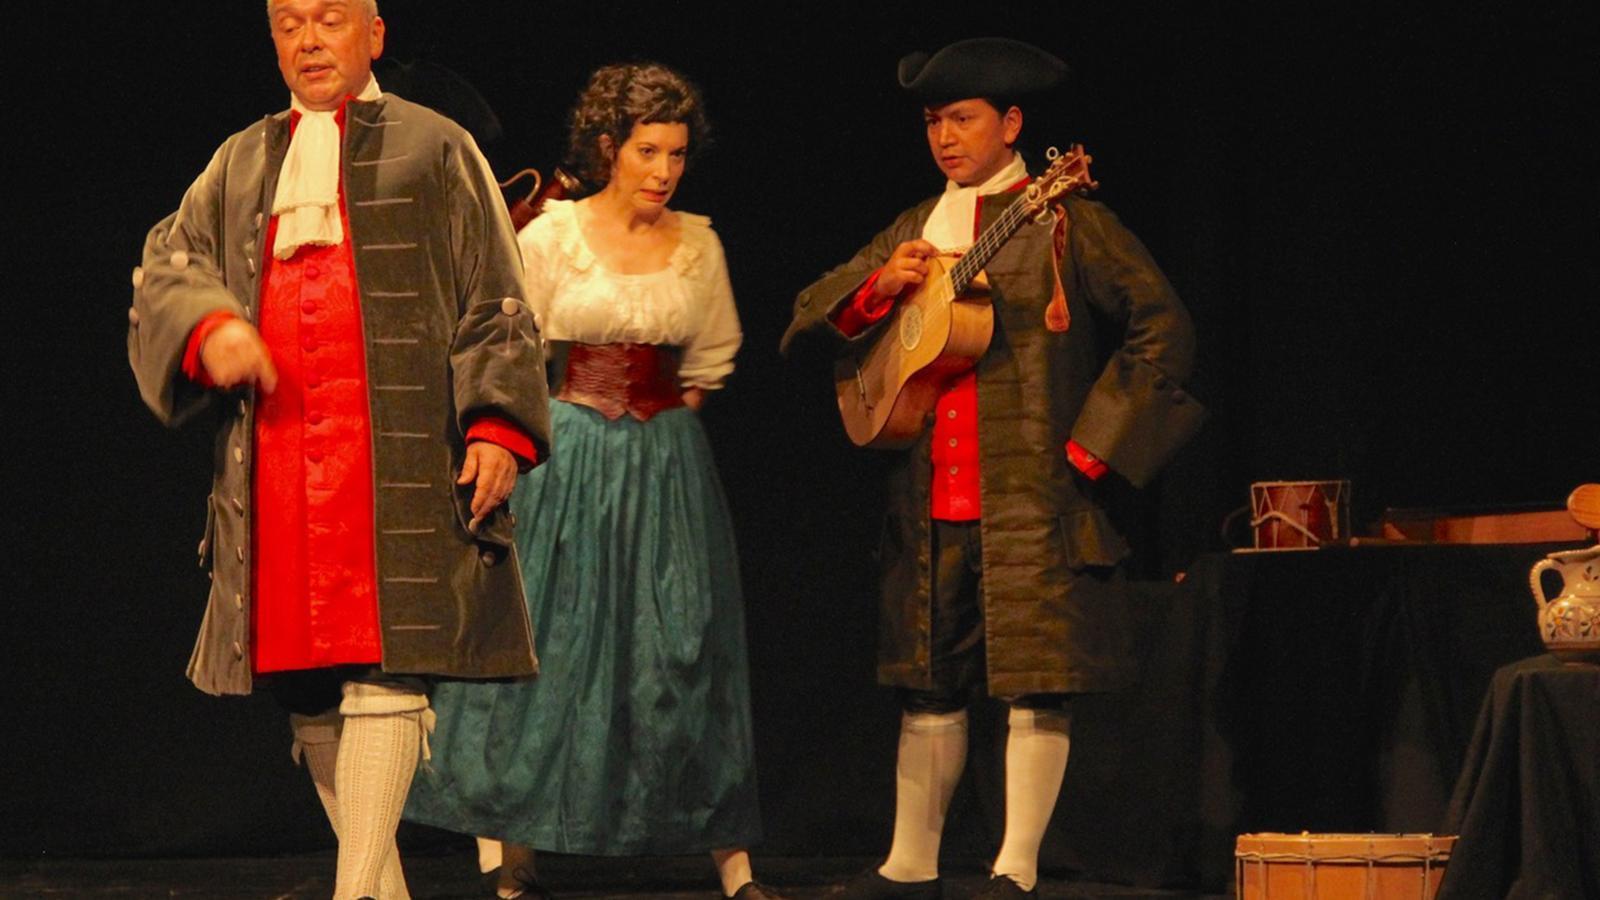 L'espectacle està interpretat per la Companyia Xuriach. / ORDINO CLÀSSIC